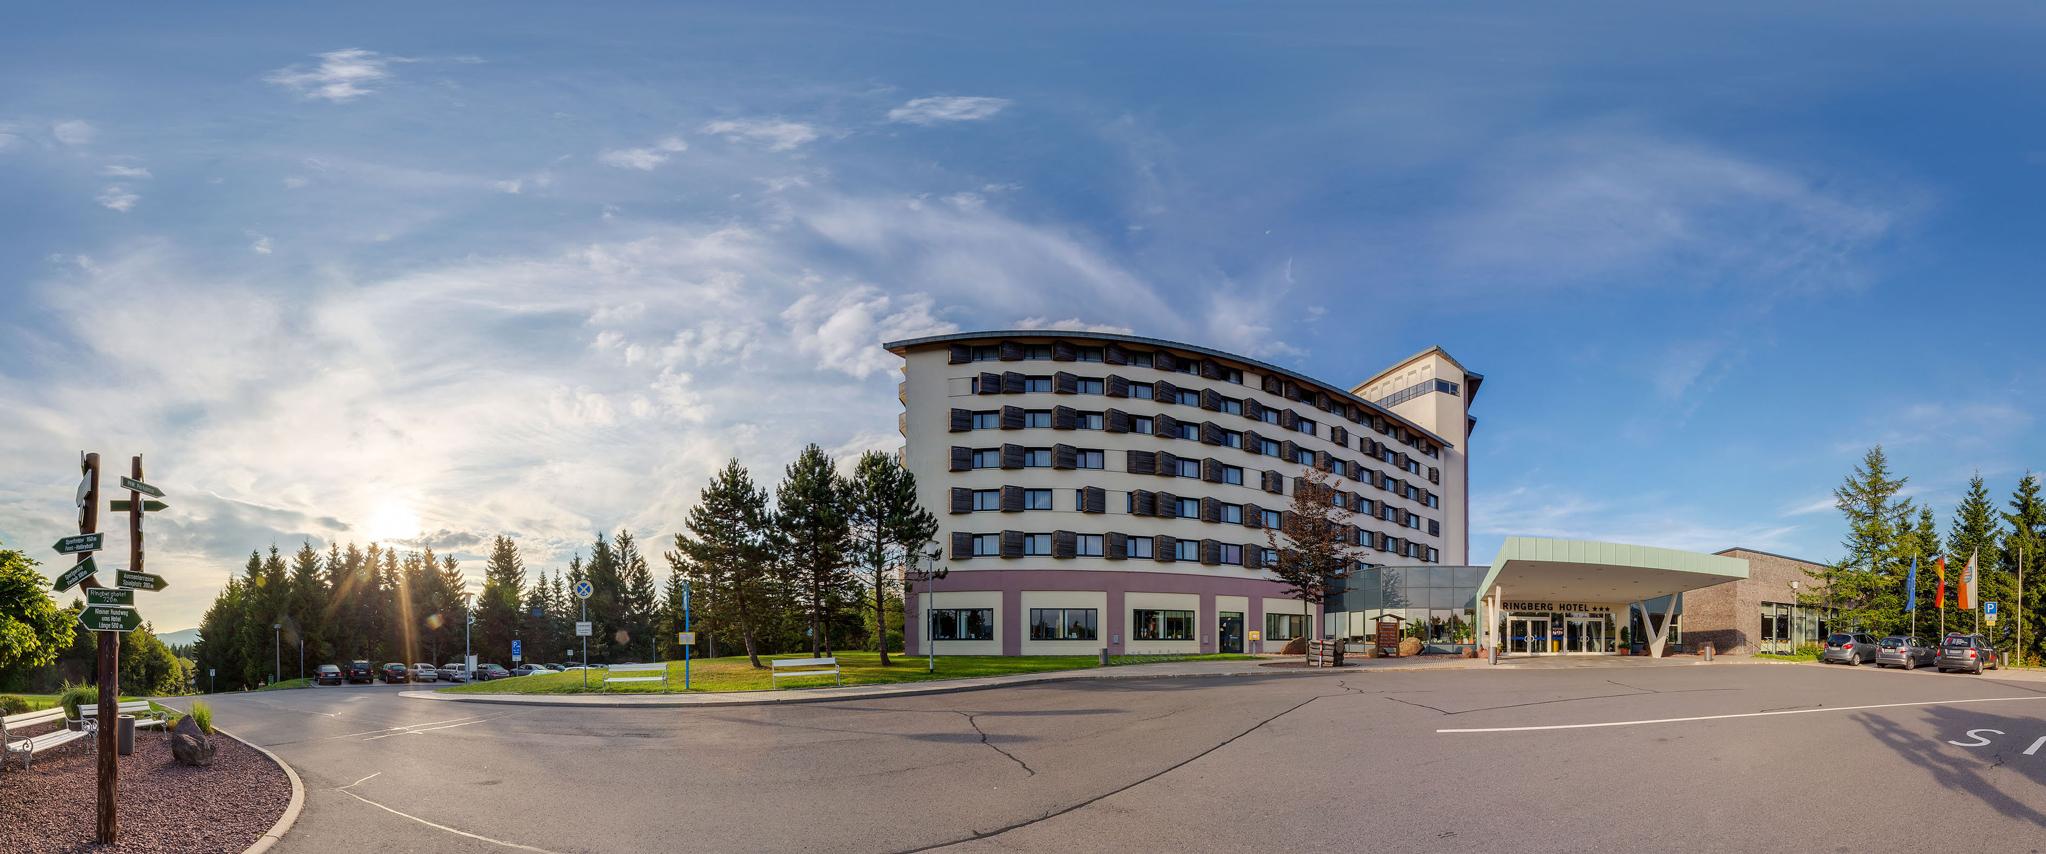 Gewinnen Sie einen Kurzurlaub im Ringberg Hotel in Thüringen © Ringberg Hotel